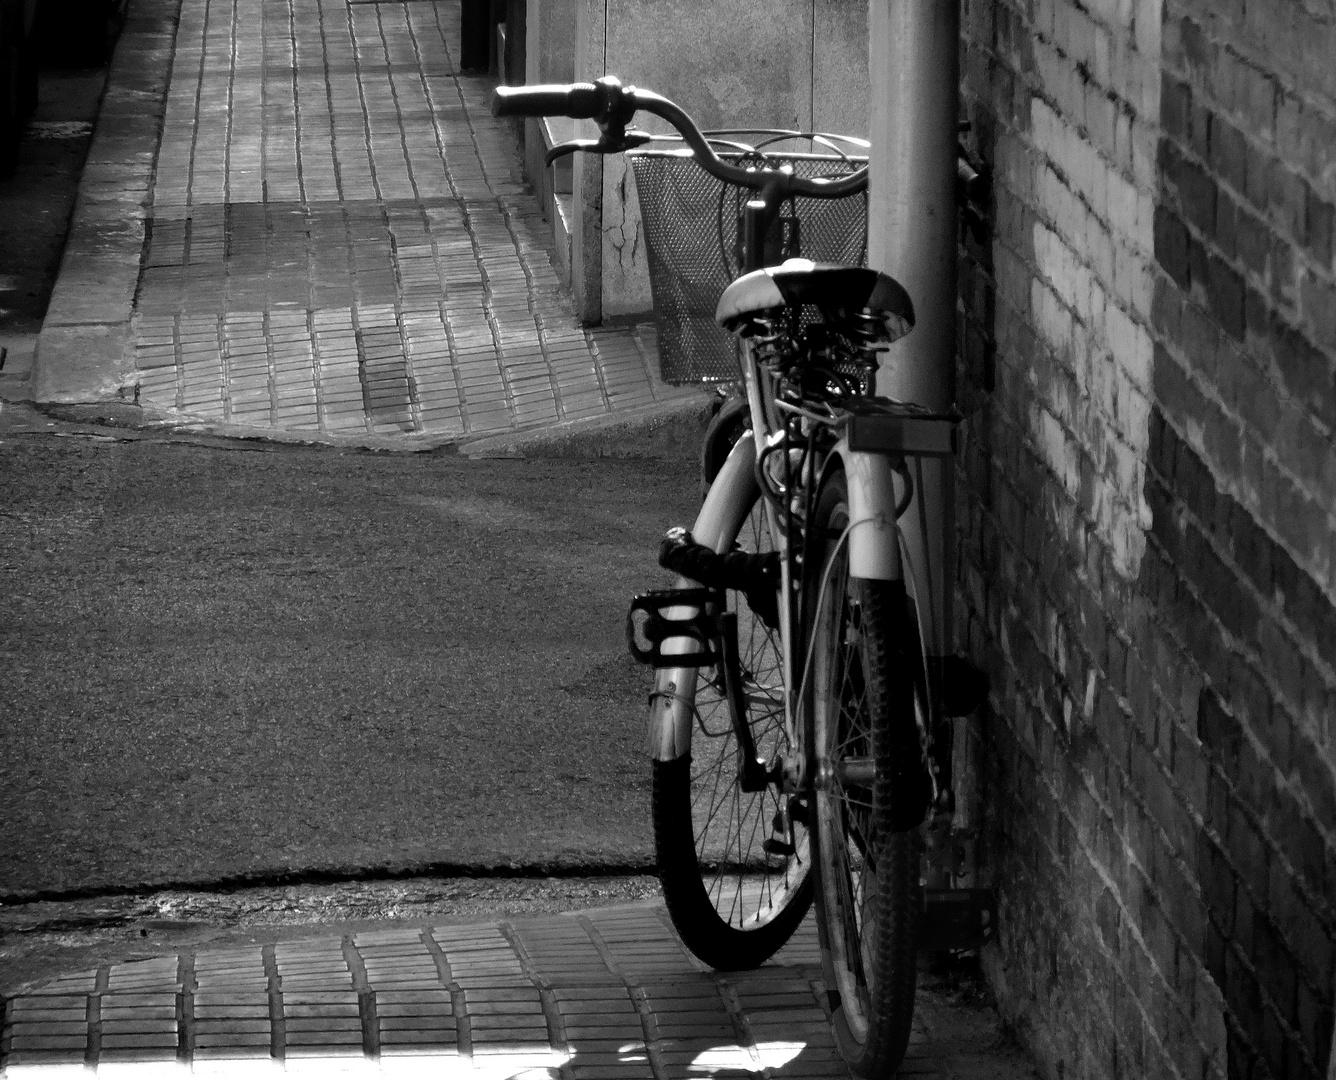 El ladrón de bicicletas.